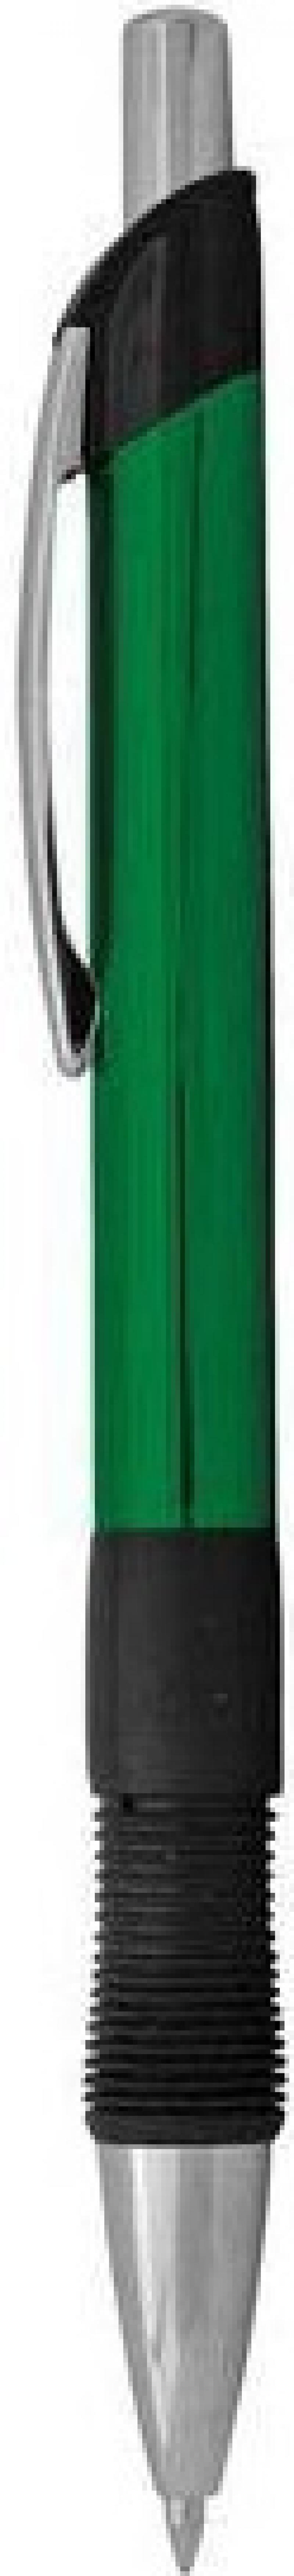 Шариковая ручка автоматическая Index IMWT1132/GN/бшк синий 0.5 мм IMWT1132/GN/бшк